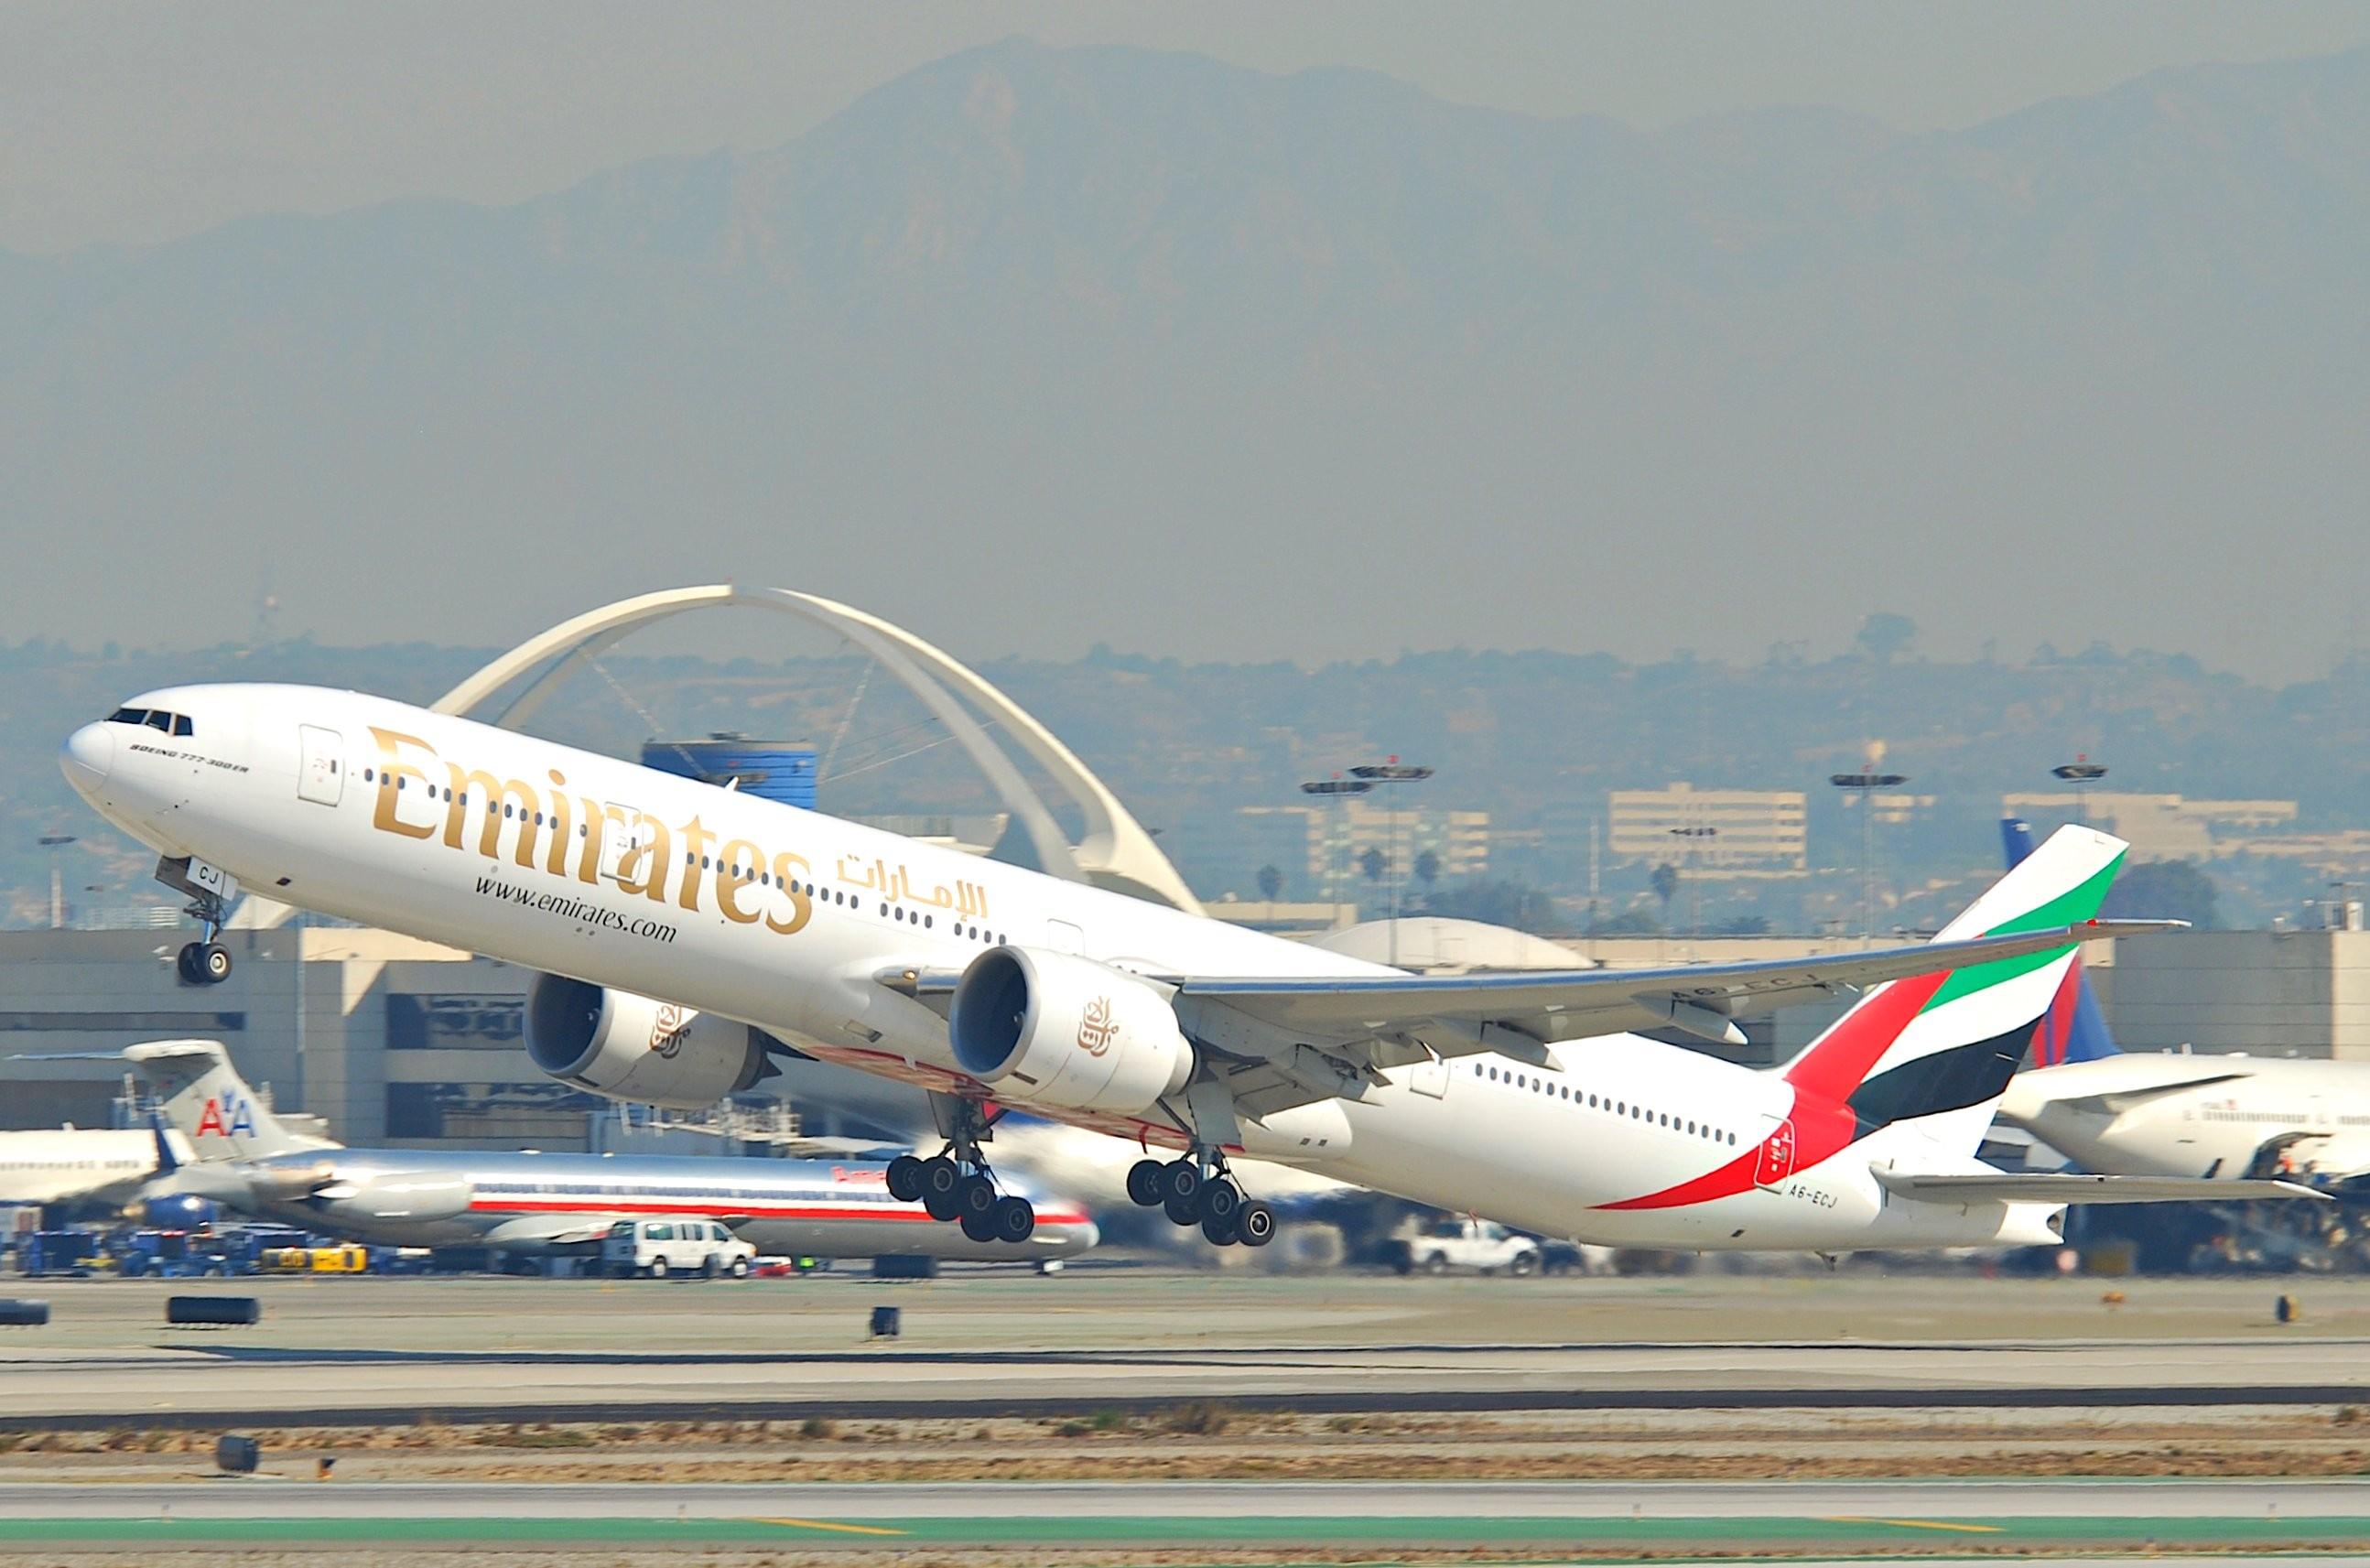 Începând cu 1 februarie 2016, compania Emirates va opera zilnic zboruri spre Washington cu modelul Airbus A380